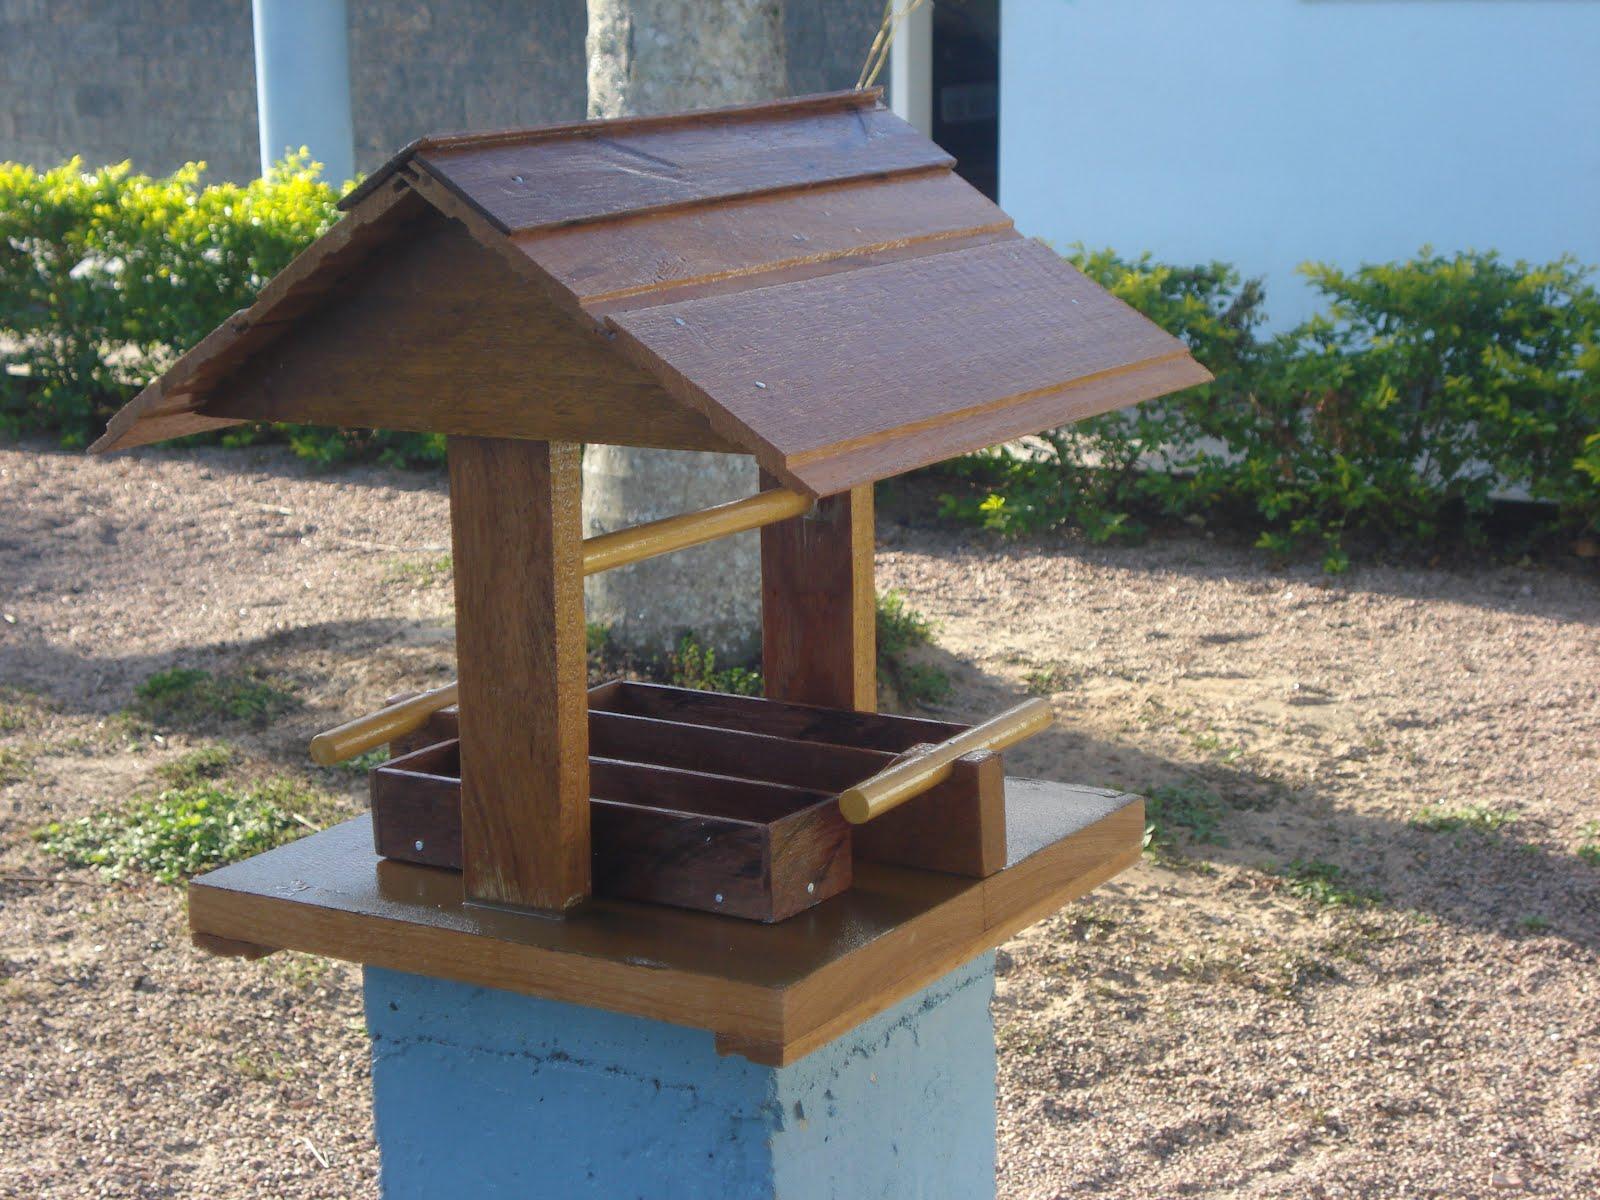 JeffColor : Comedouro para pássaros #326999 1600x1200